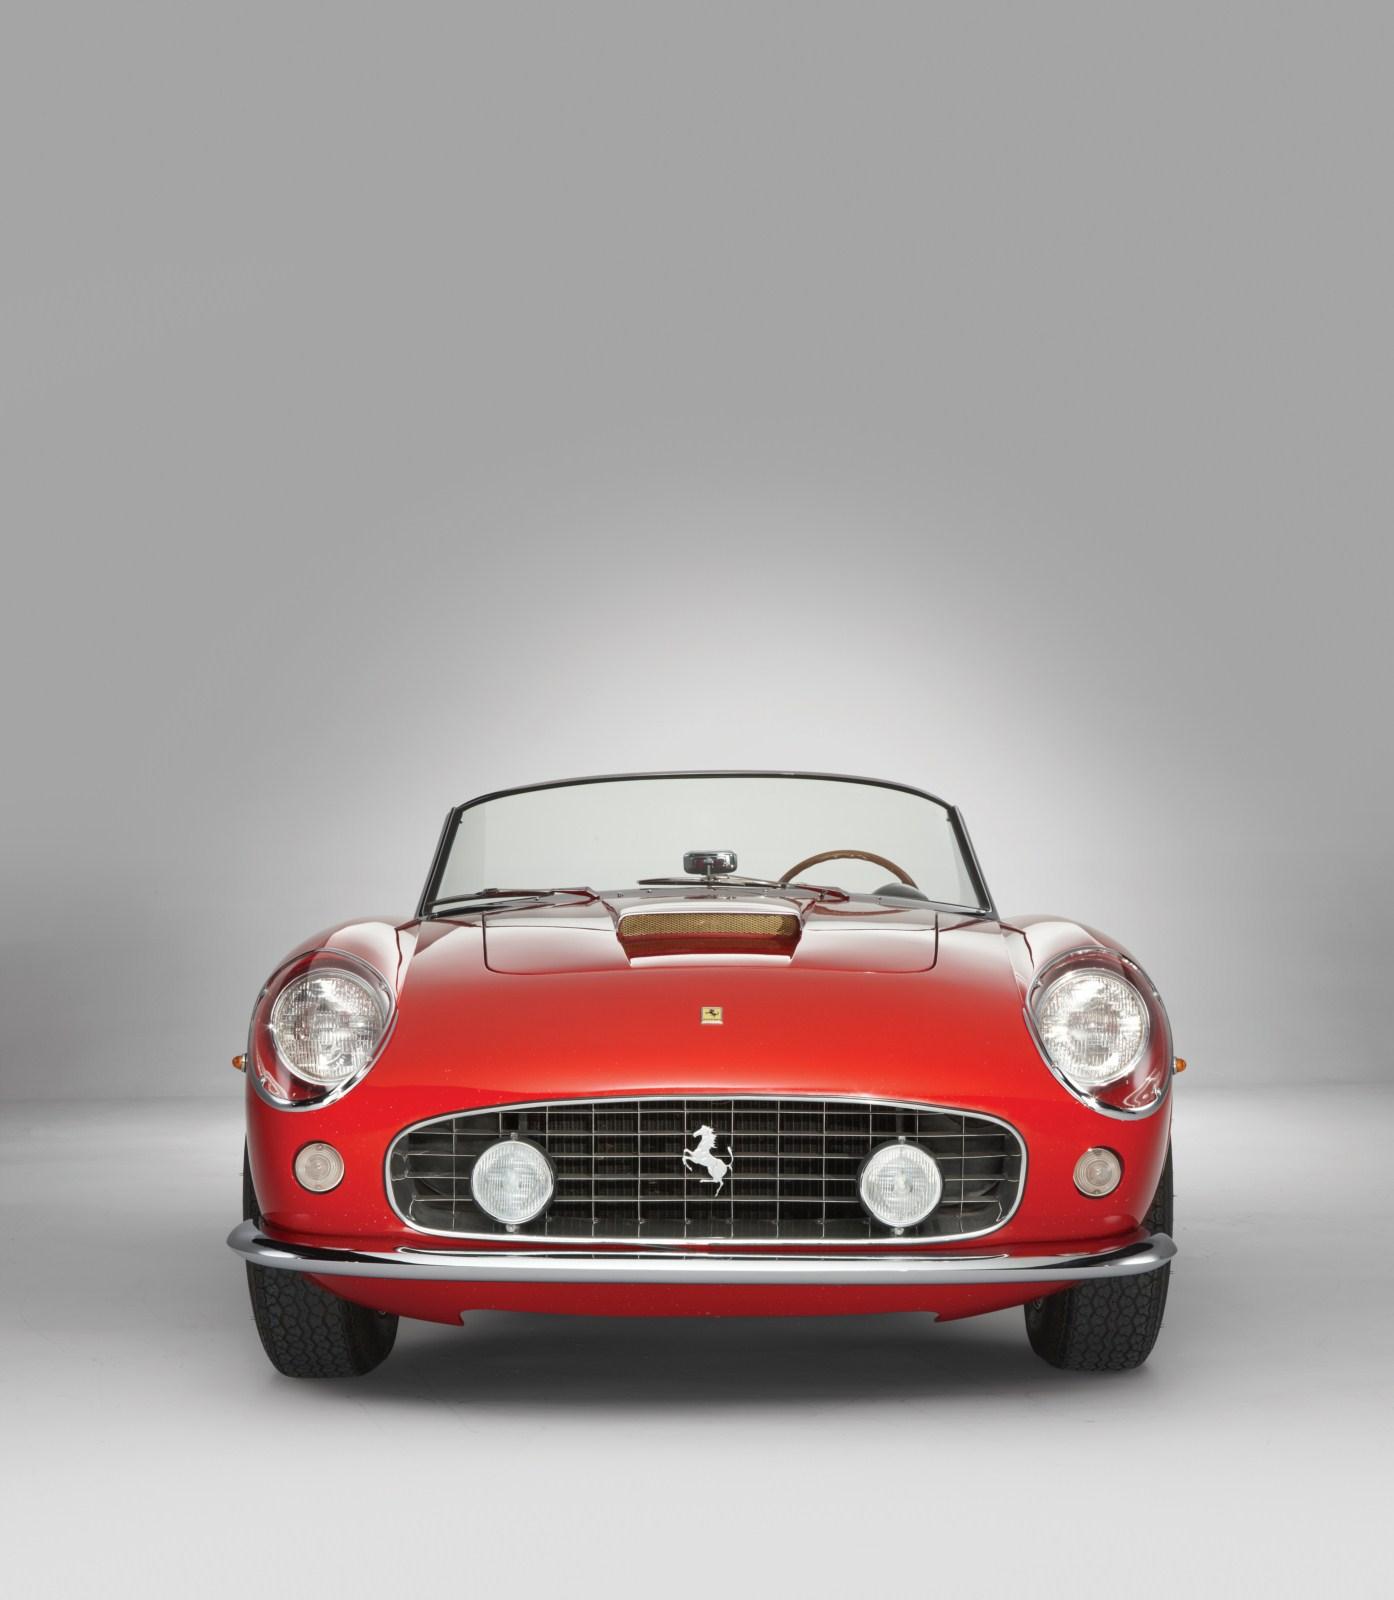 Μια Ferrari 250 GT SWB California Spyder 1962, μια